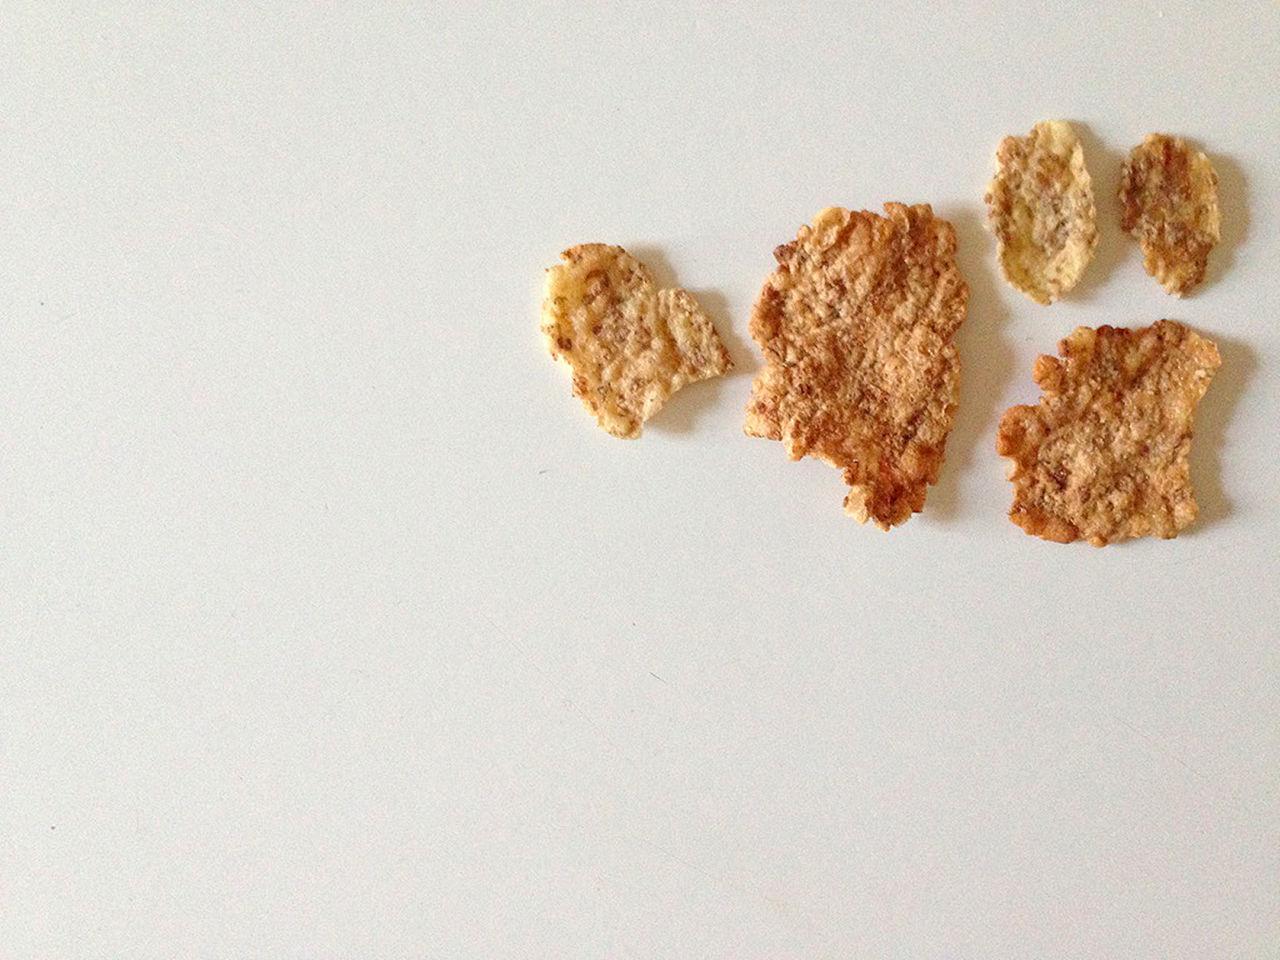 Breakfast Breaktime Cereali Cereals Colazione Colazione Leggera Colazione Time  Table